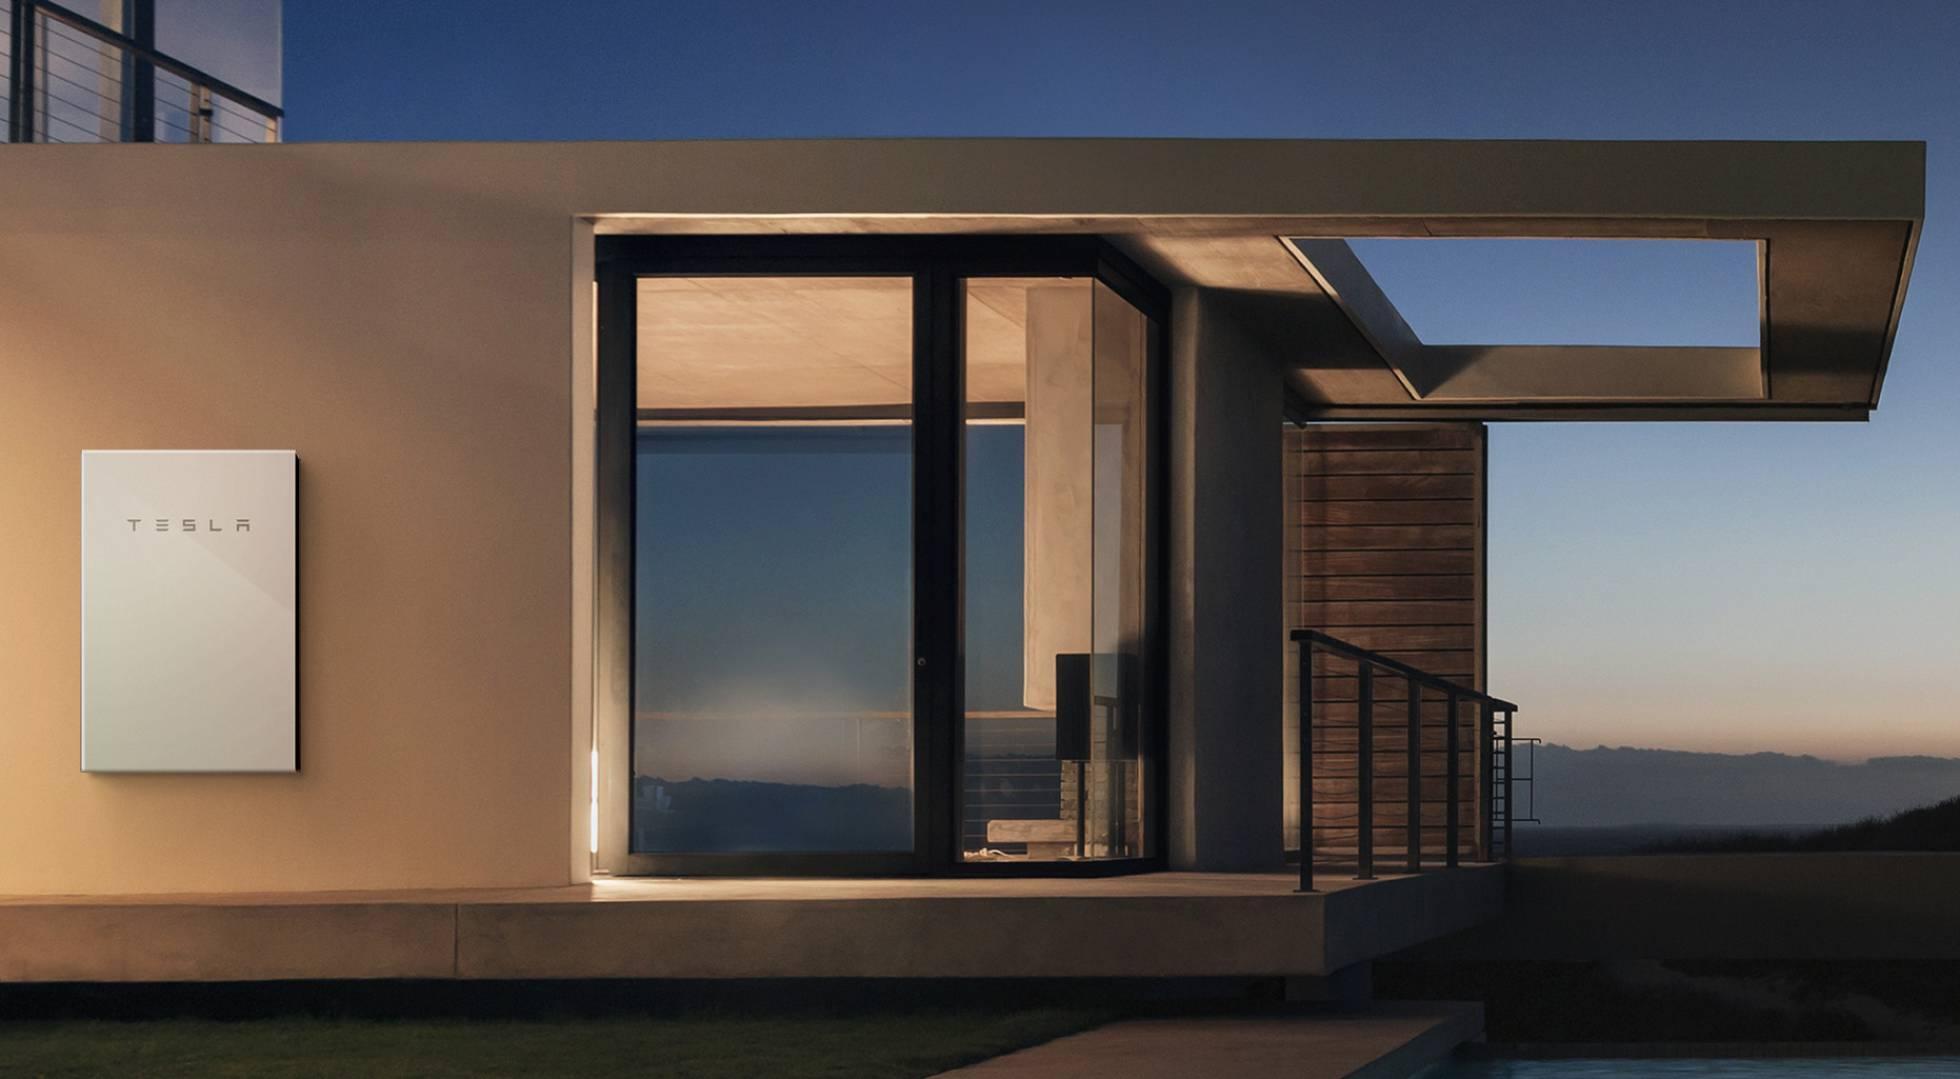 La modernidad llega a España con las baterías Tesla Powerwall 2